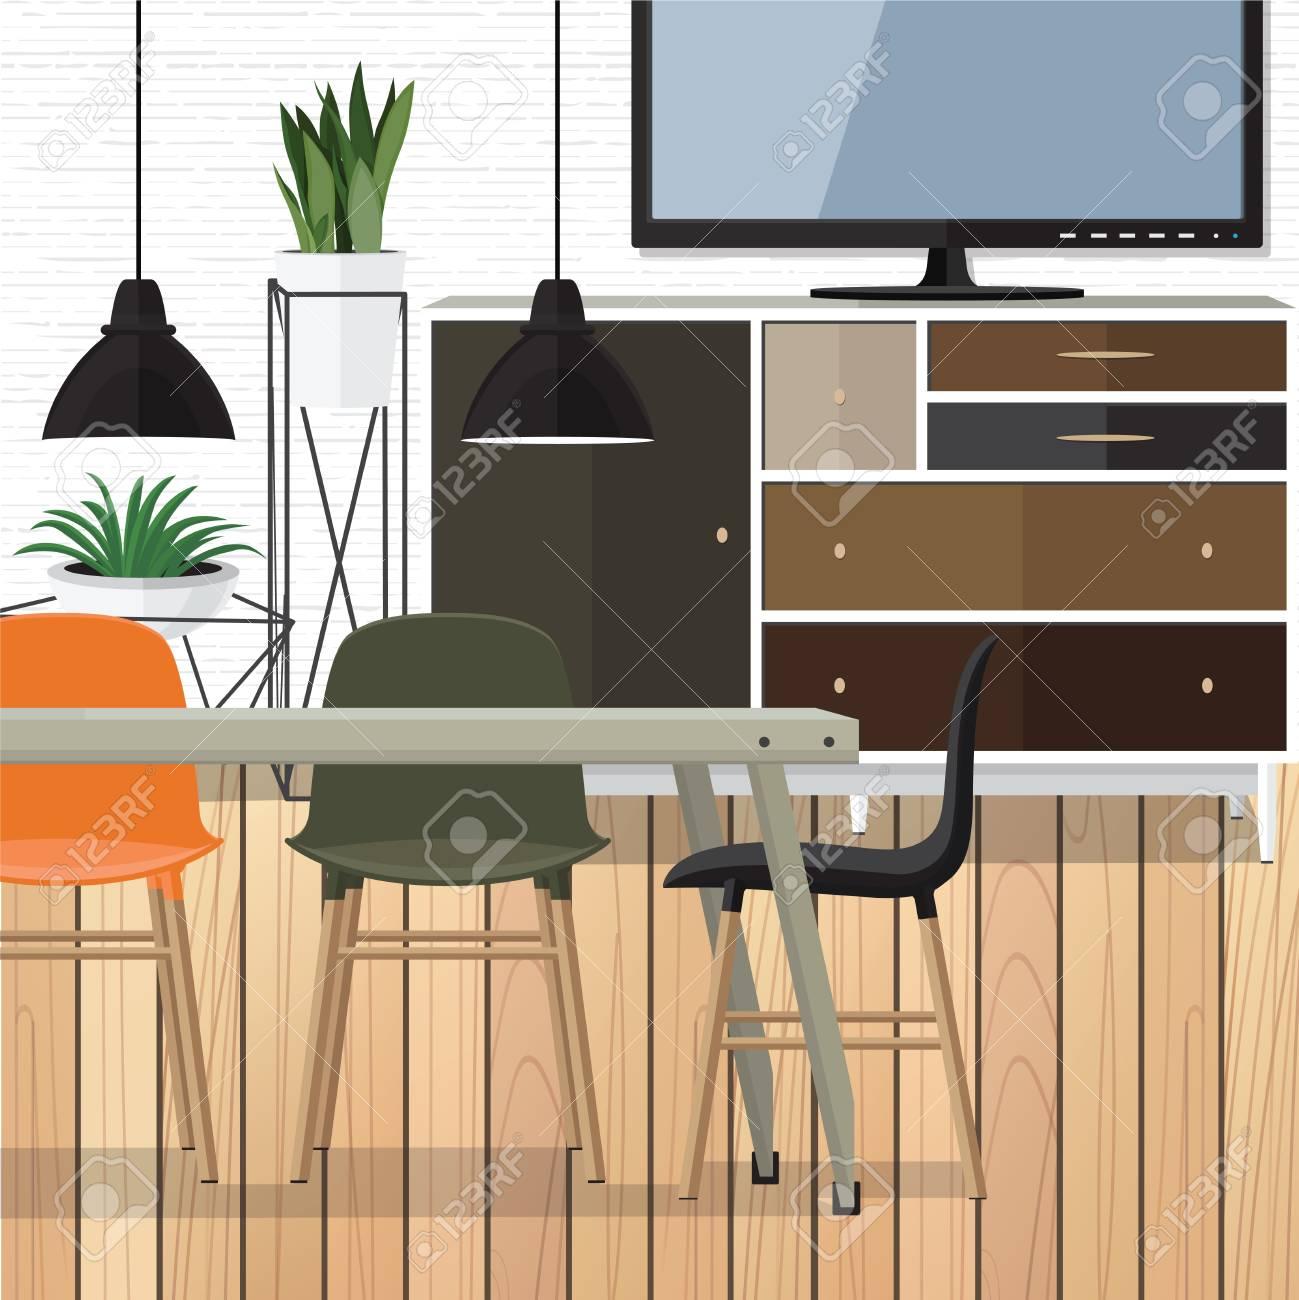 Flat Design Interior Dining Room Vector Illustration Stock